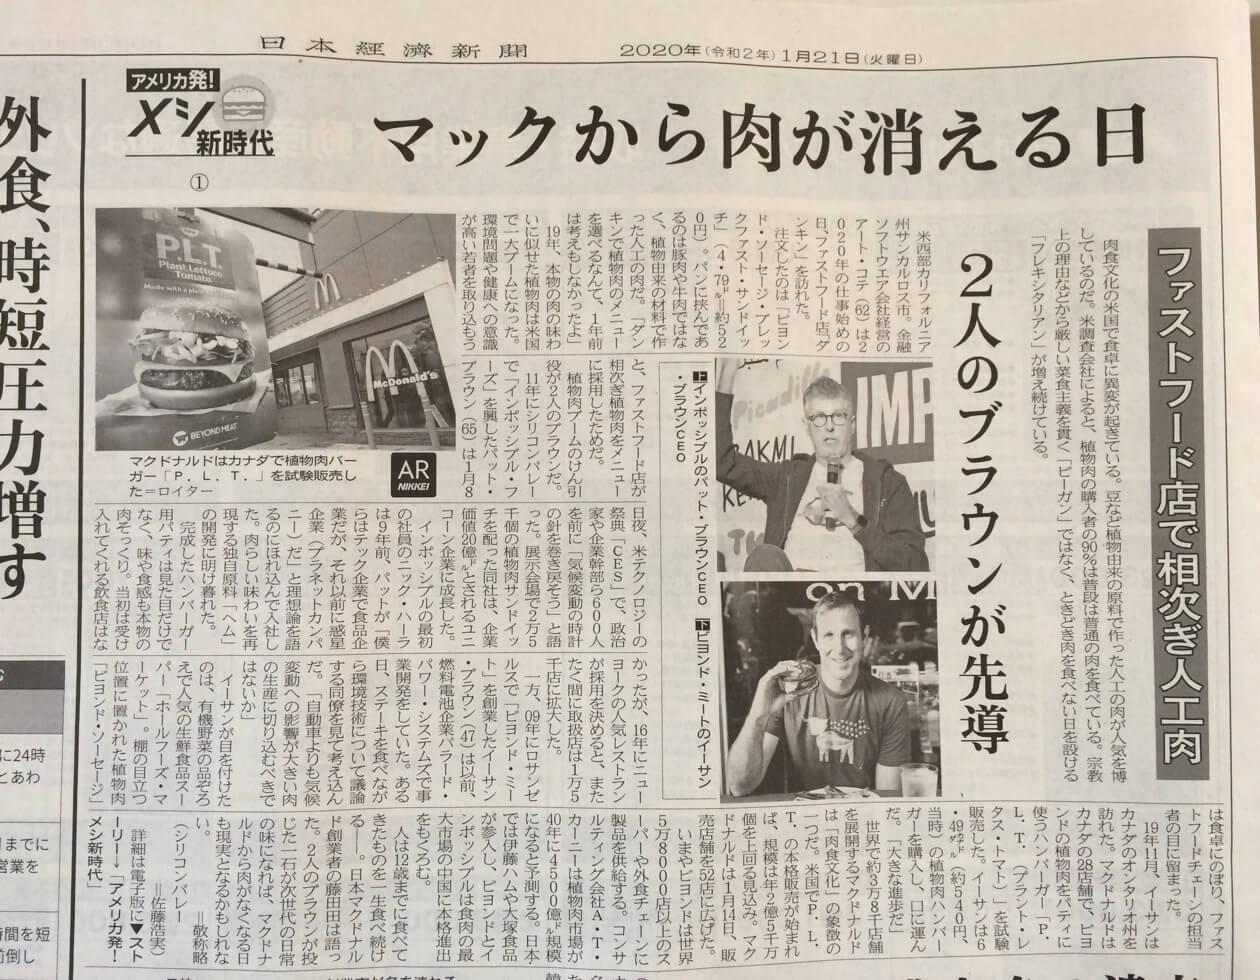 日経新聞Jan 21 20209